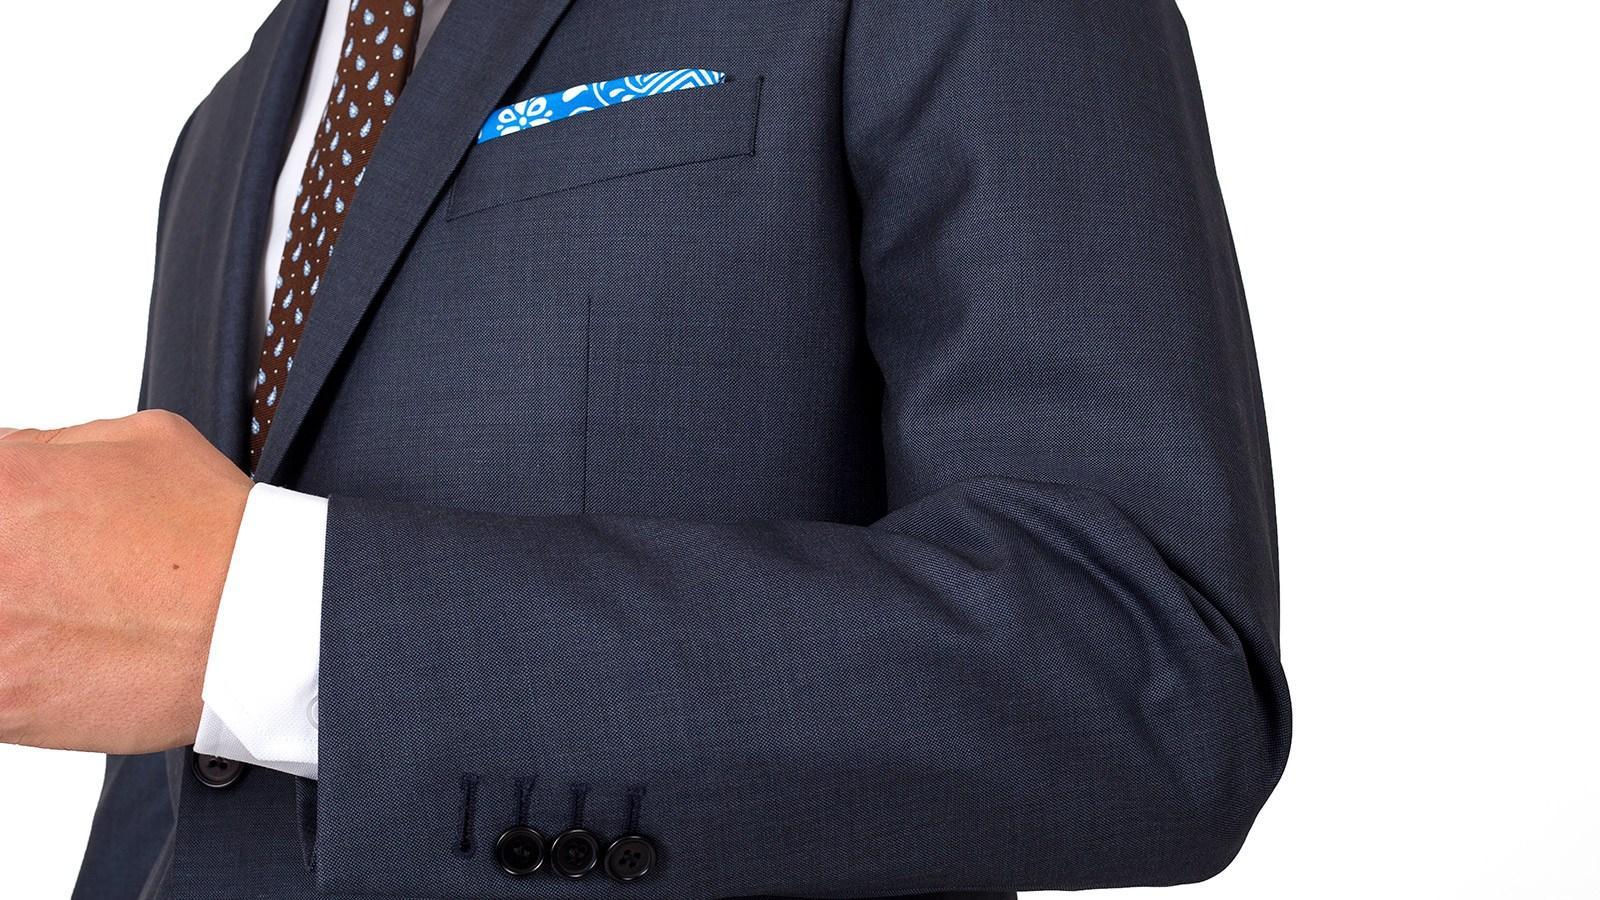 Premium Charcoal Blue Suit - slider image 1